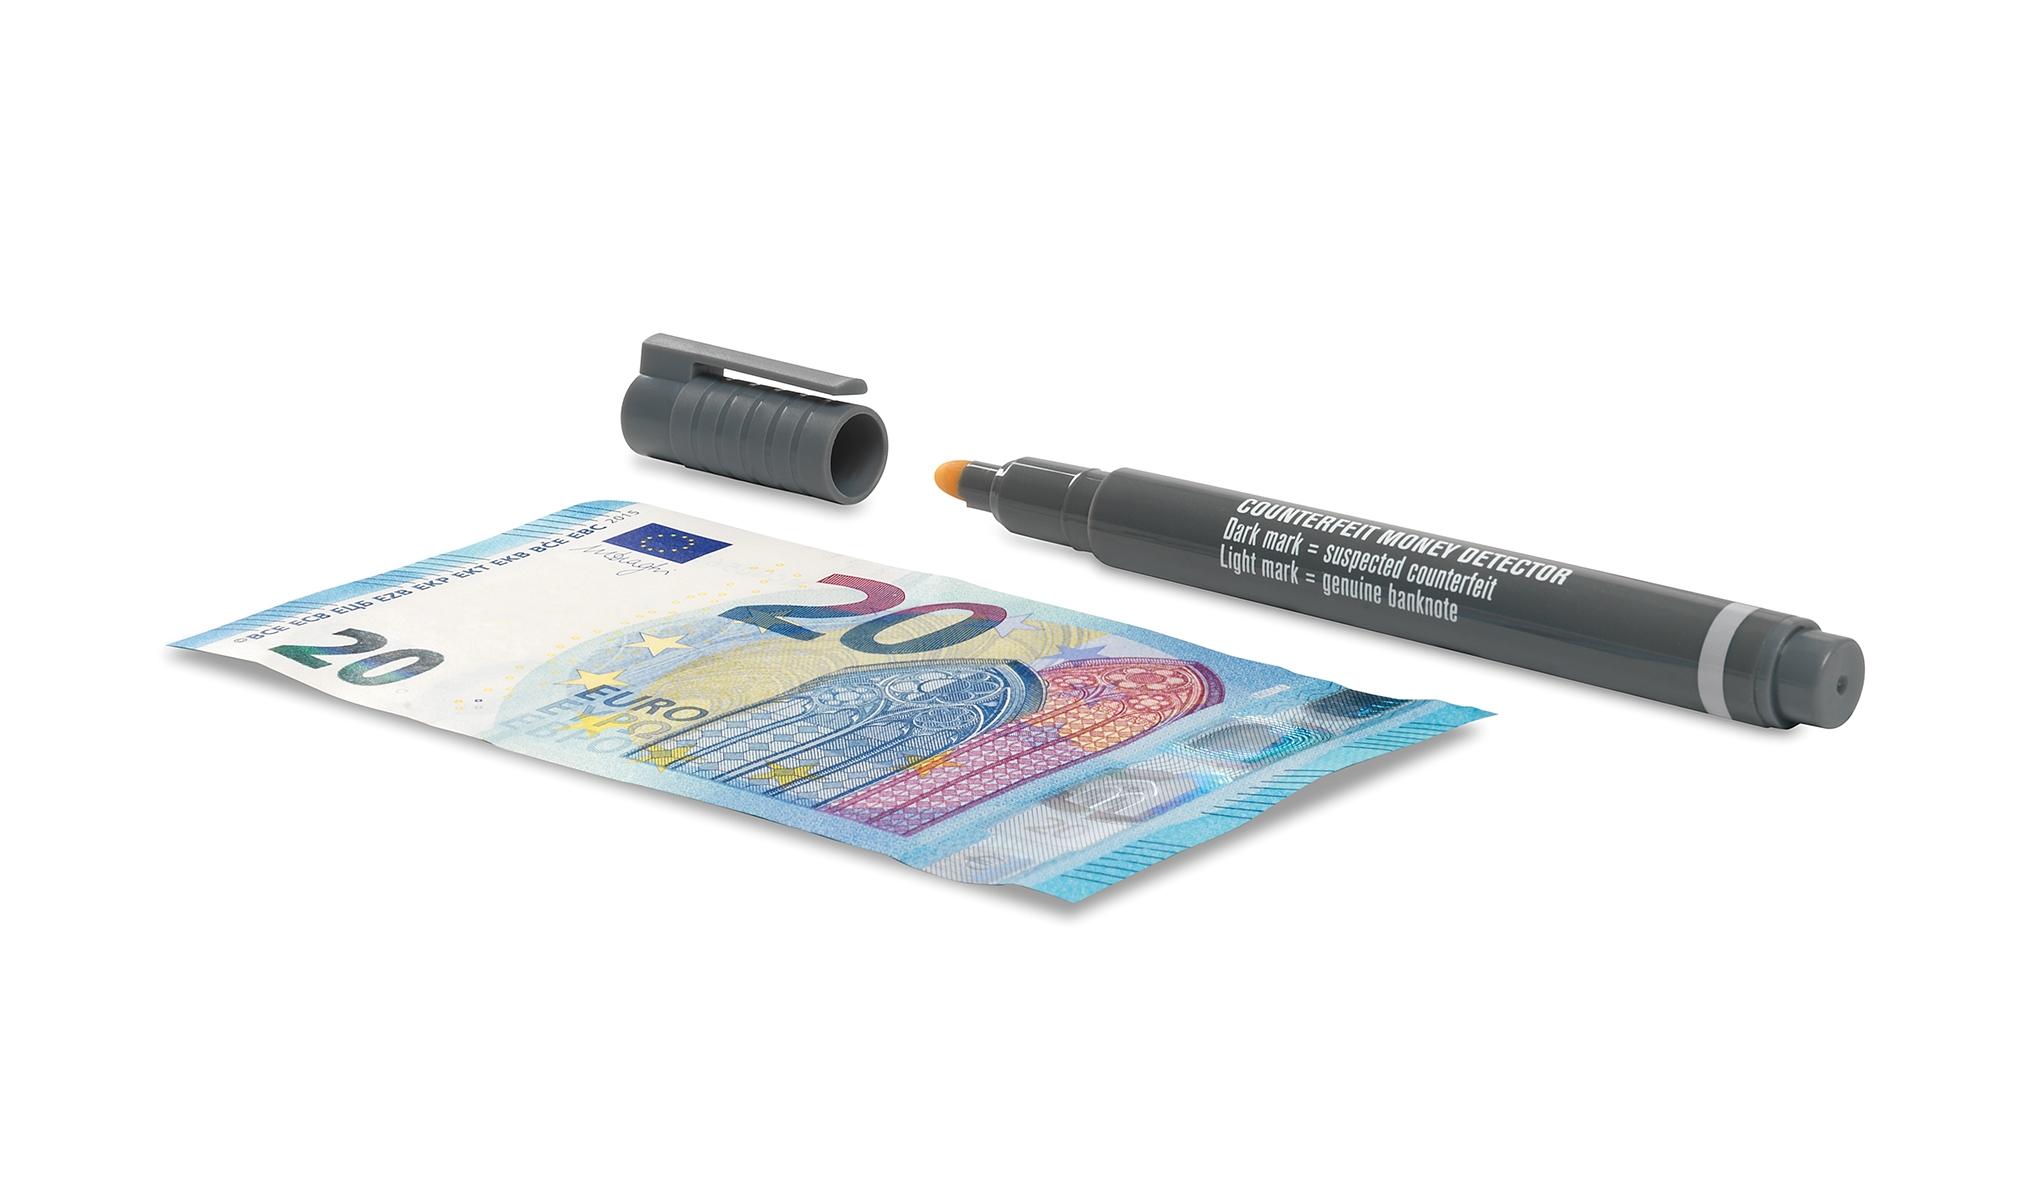 safescan-30-caneta-detetora-de-dinheiro-falso